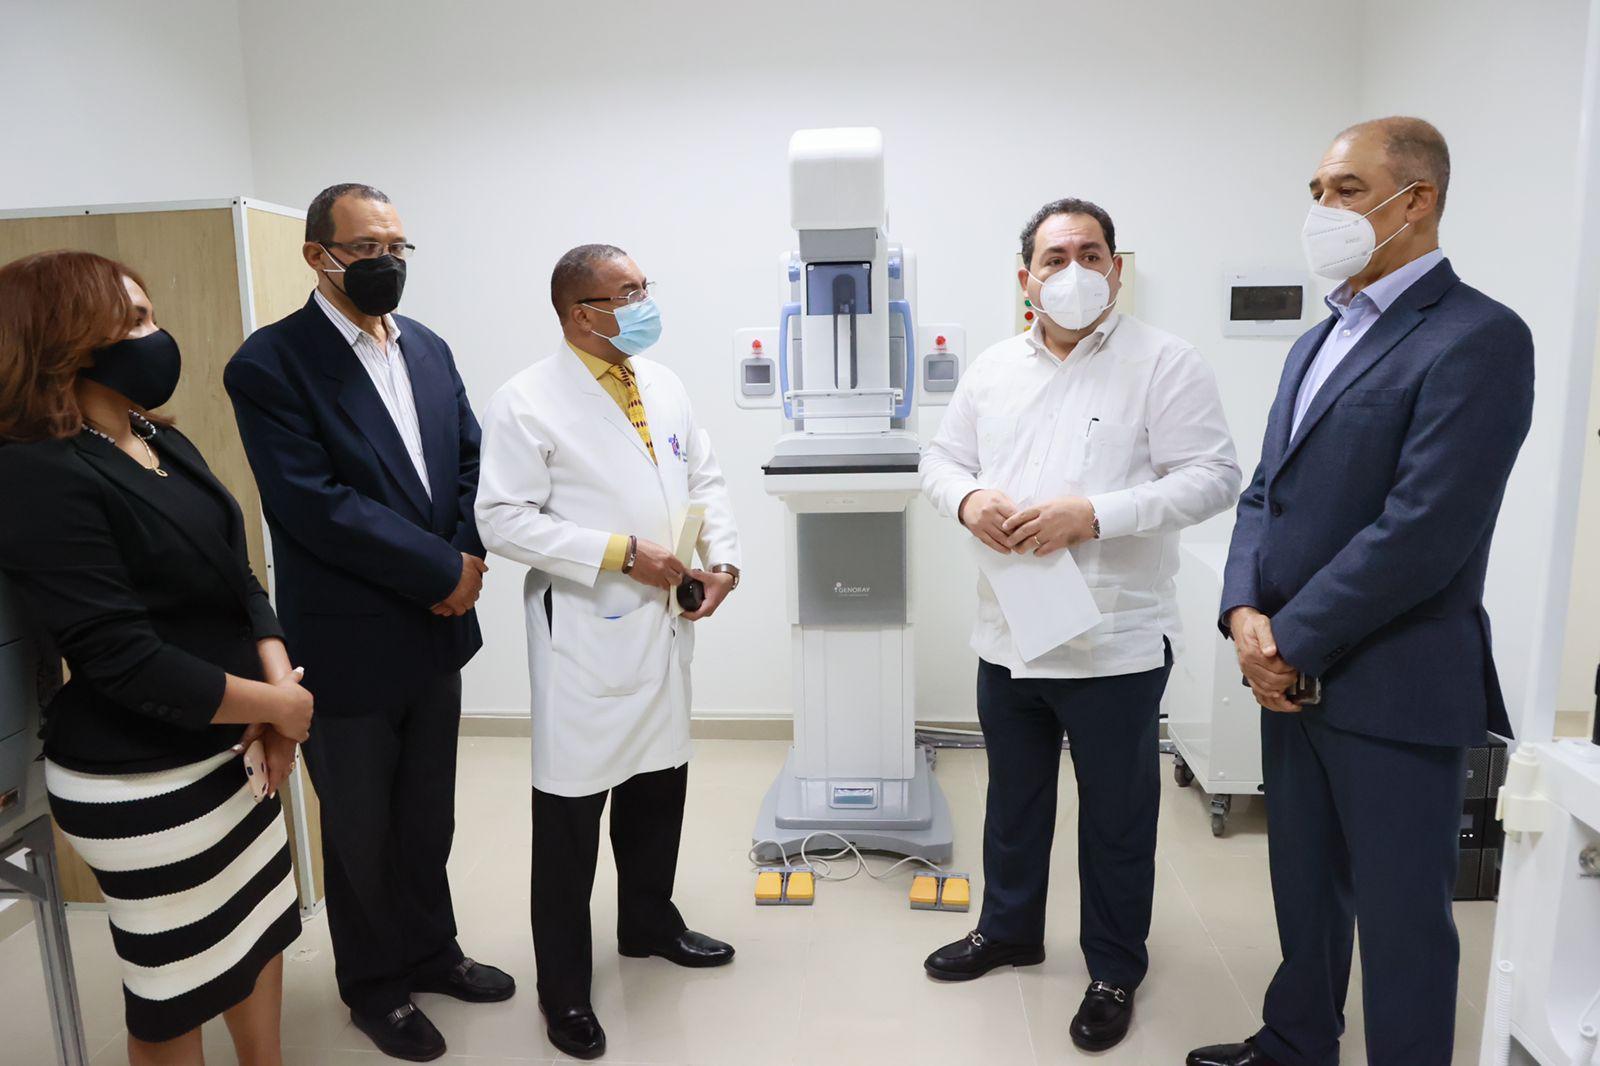 SNS entrega equipos valorados en RD$14.6 millones en dos hospitales de La Vega